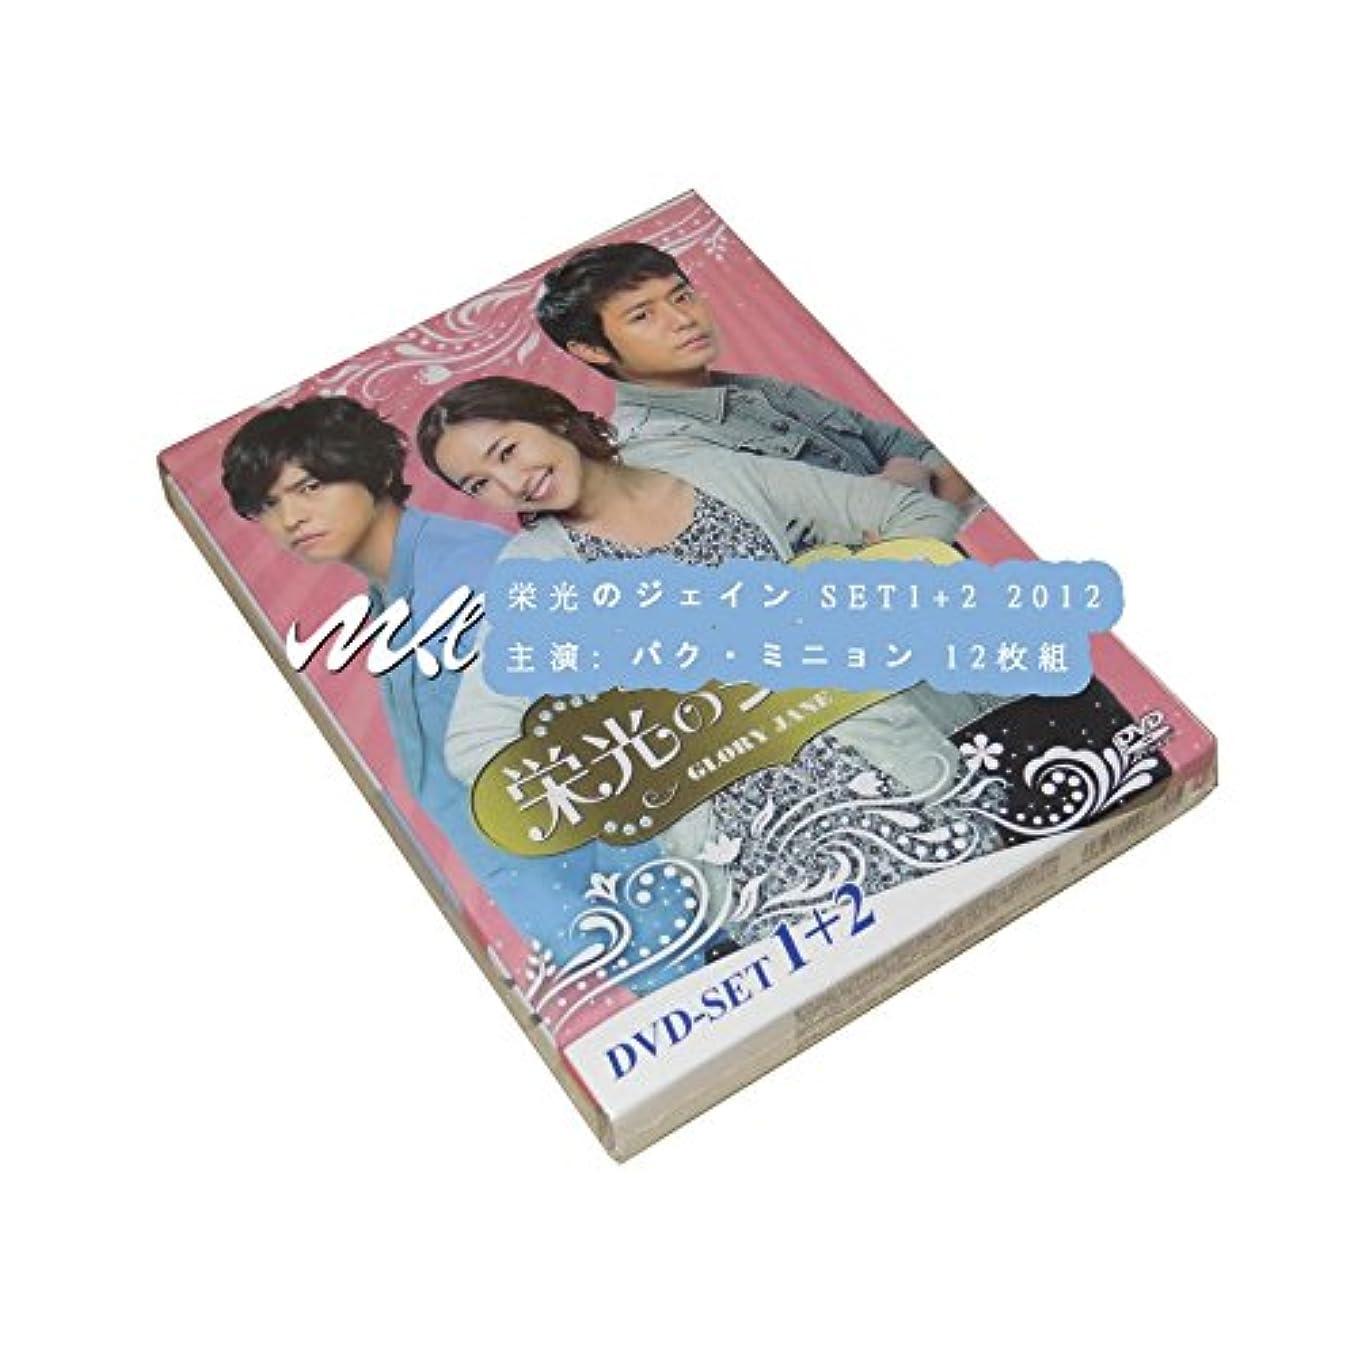 組み込む探すタッチ栄光のジェイン SET1+2 2012 主演: パク?ミニョン